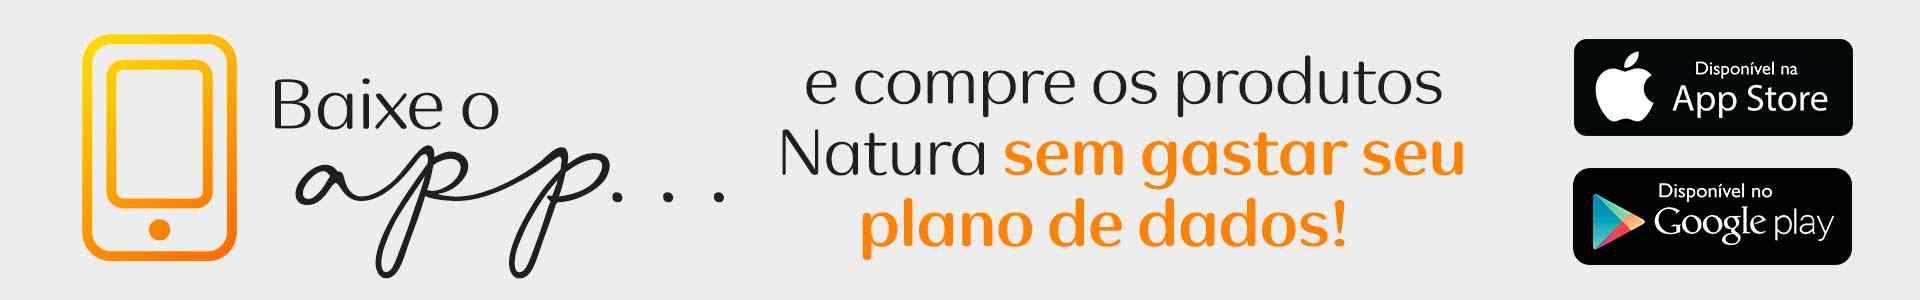 Baixe o App Natura